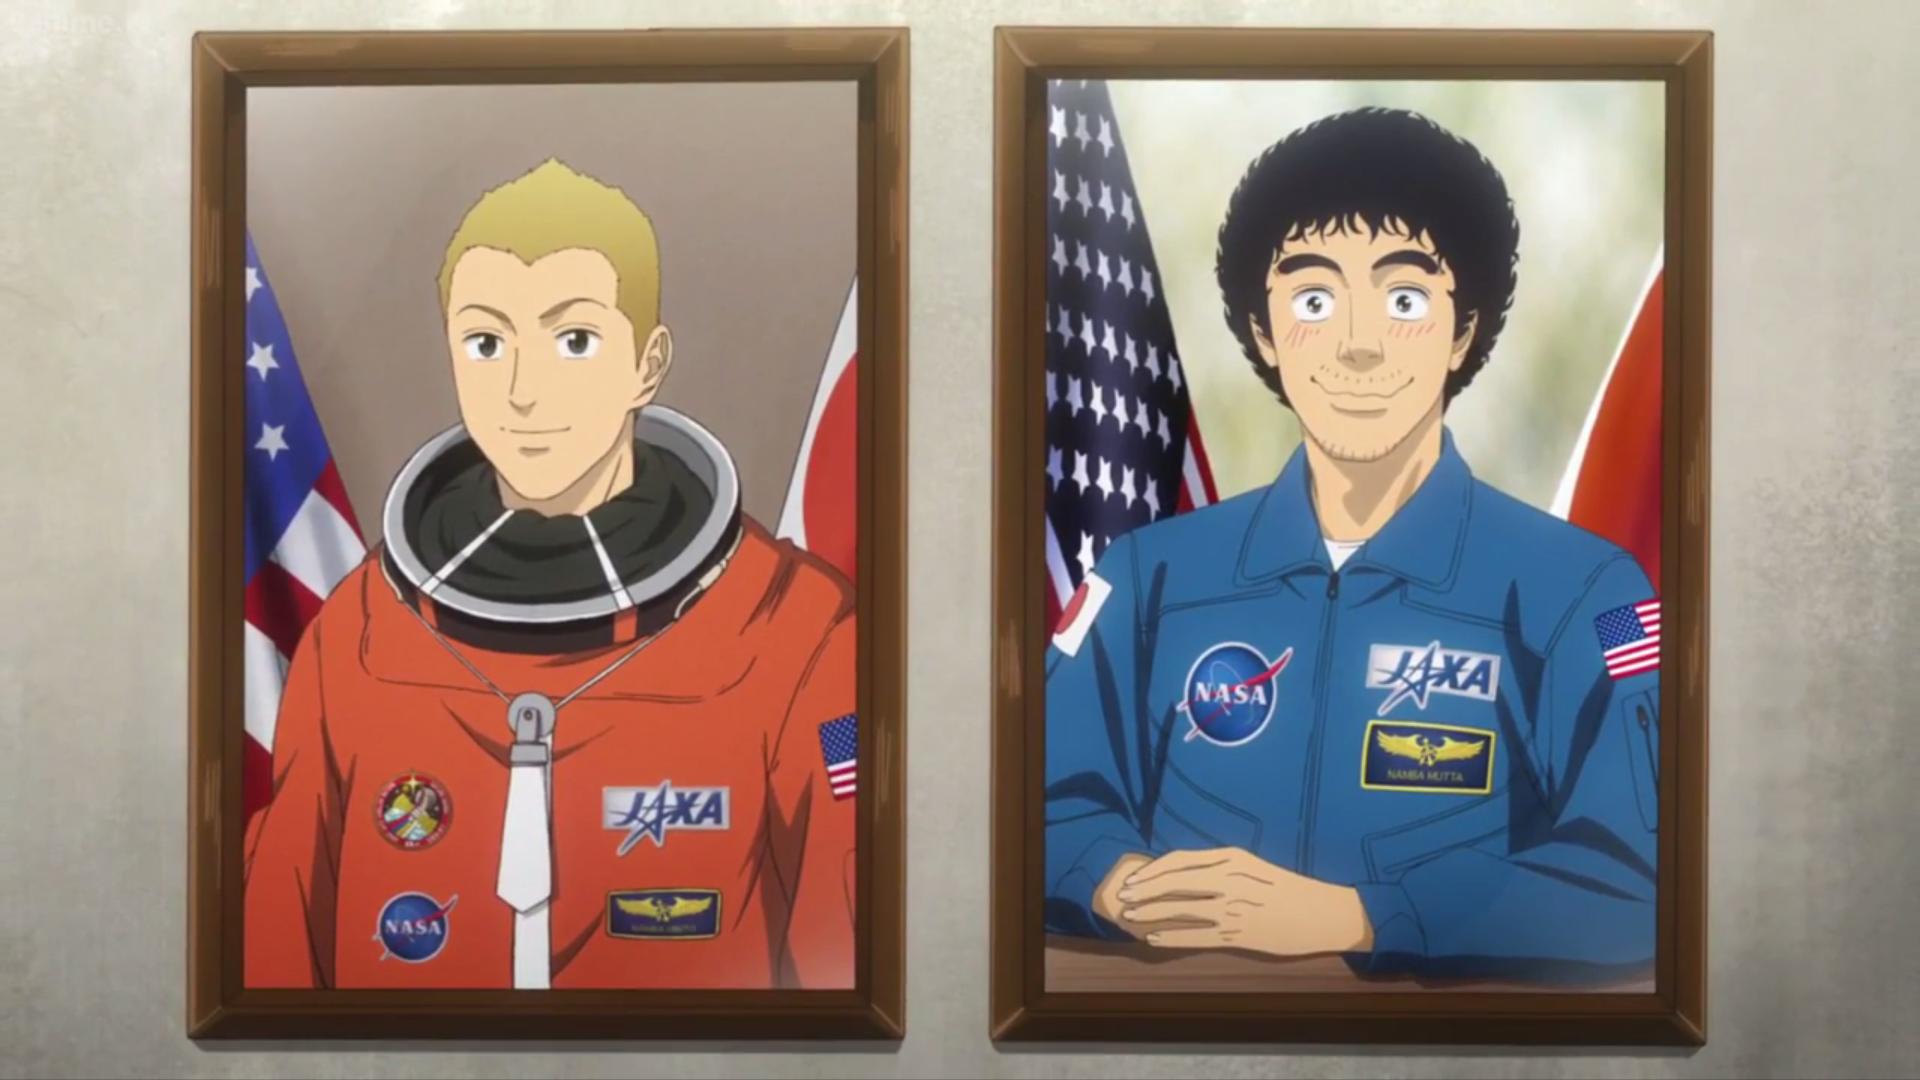 Kết quả hình ảnh cho Uchuu Kyoudai (Space Brothers) anime